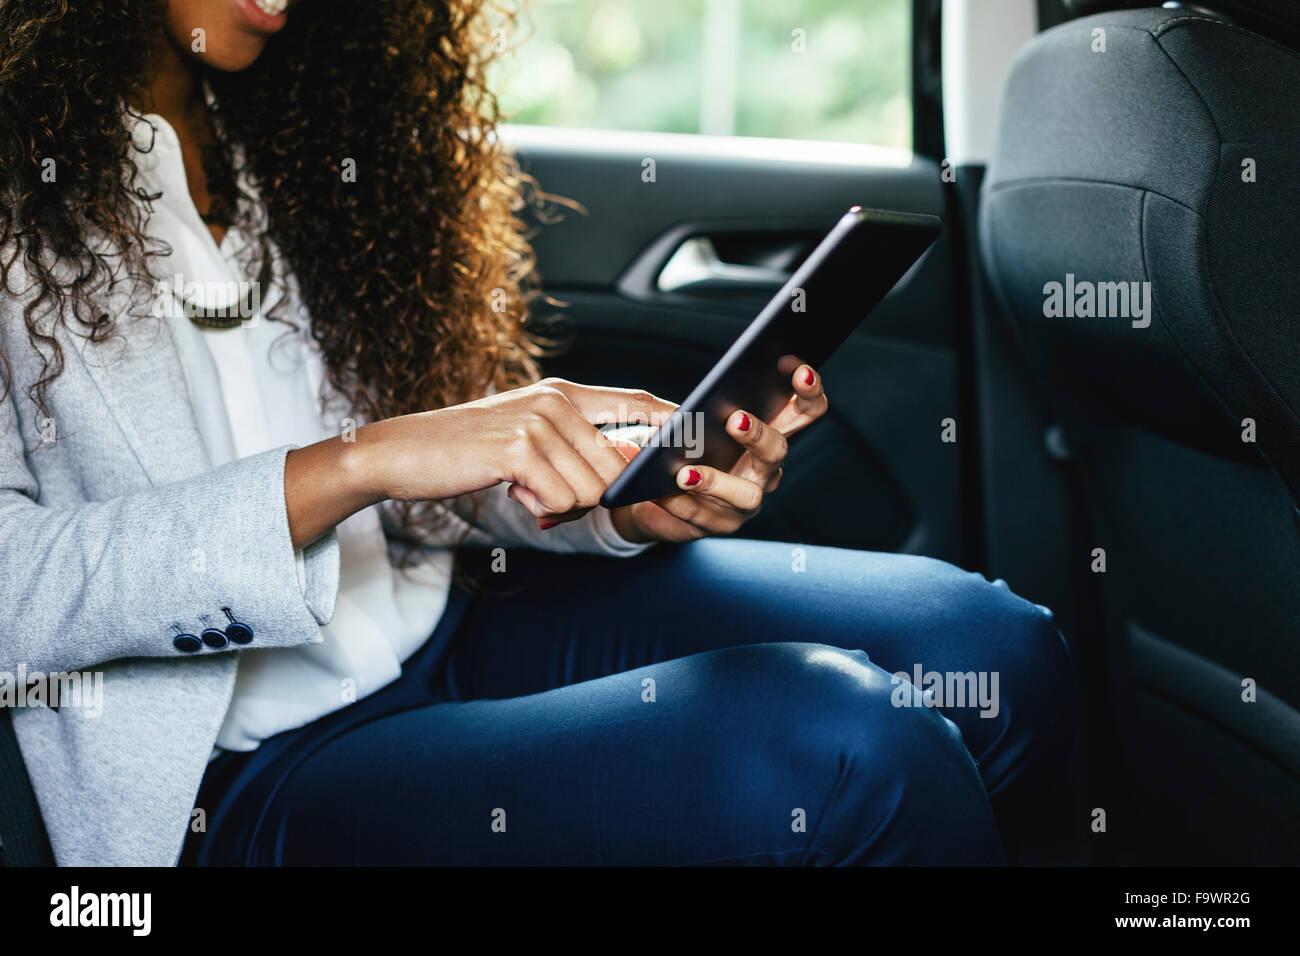 Jeune femme assise sur le siège arrière d'une voiture à l'aide de mini tablet, close-up Photo Stock